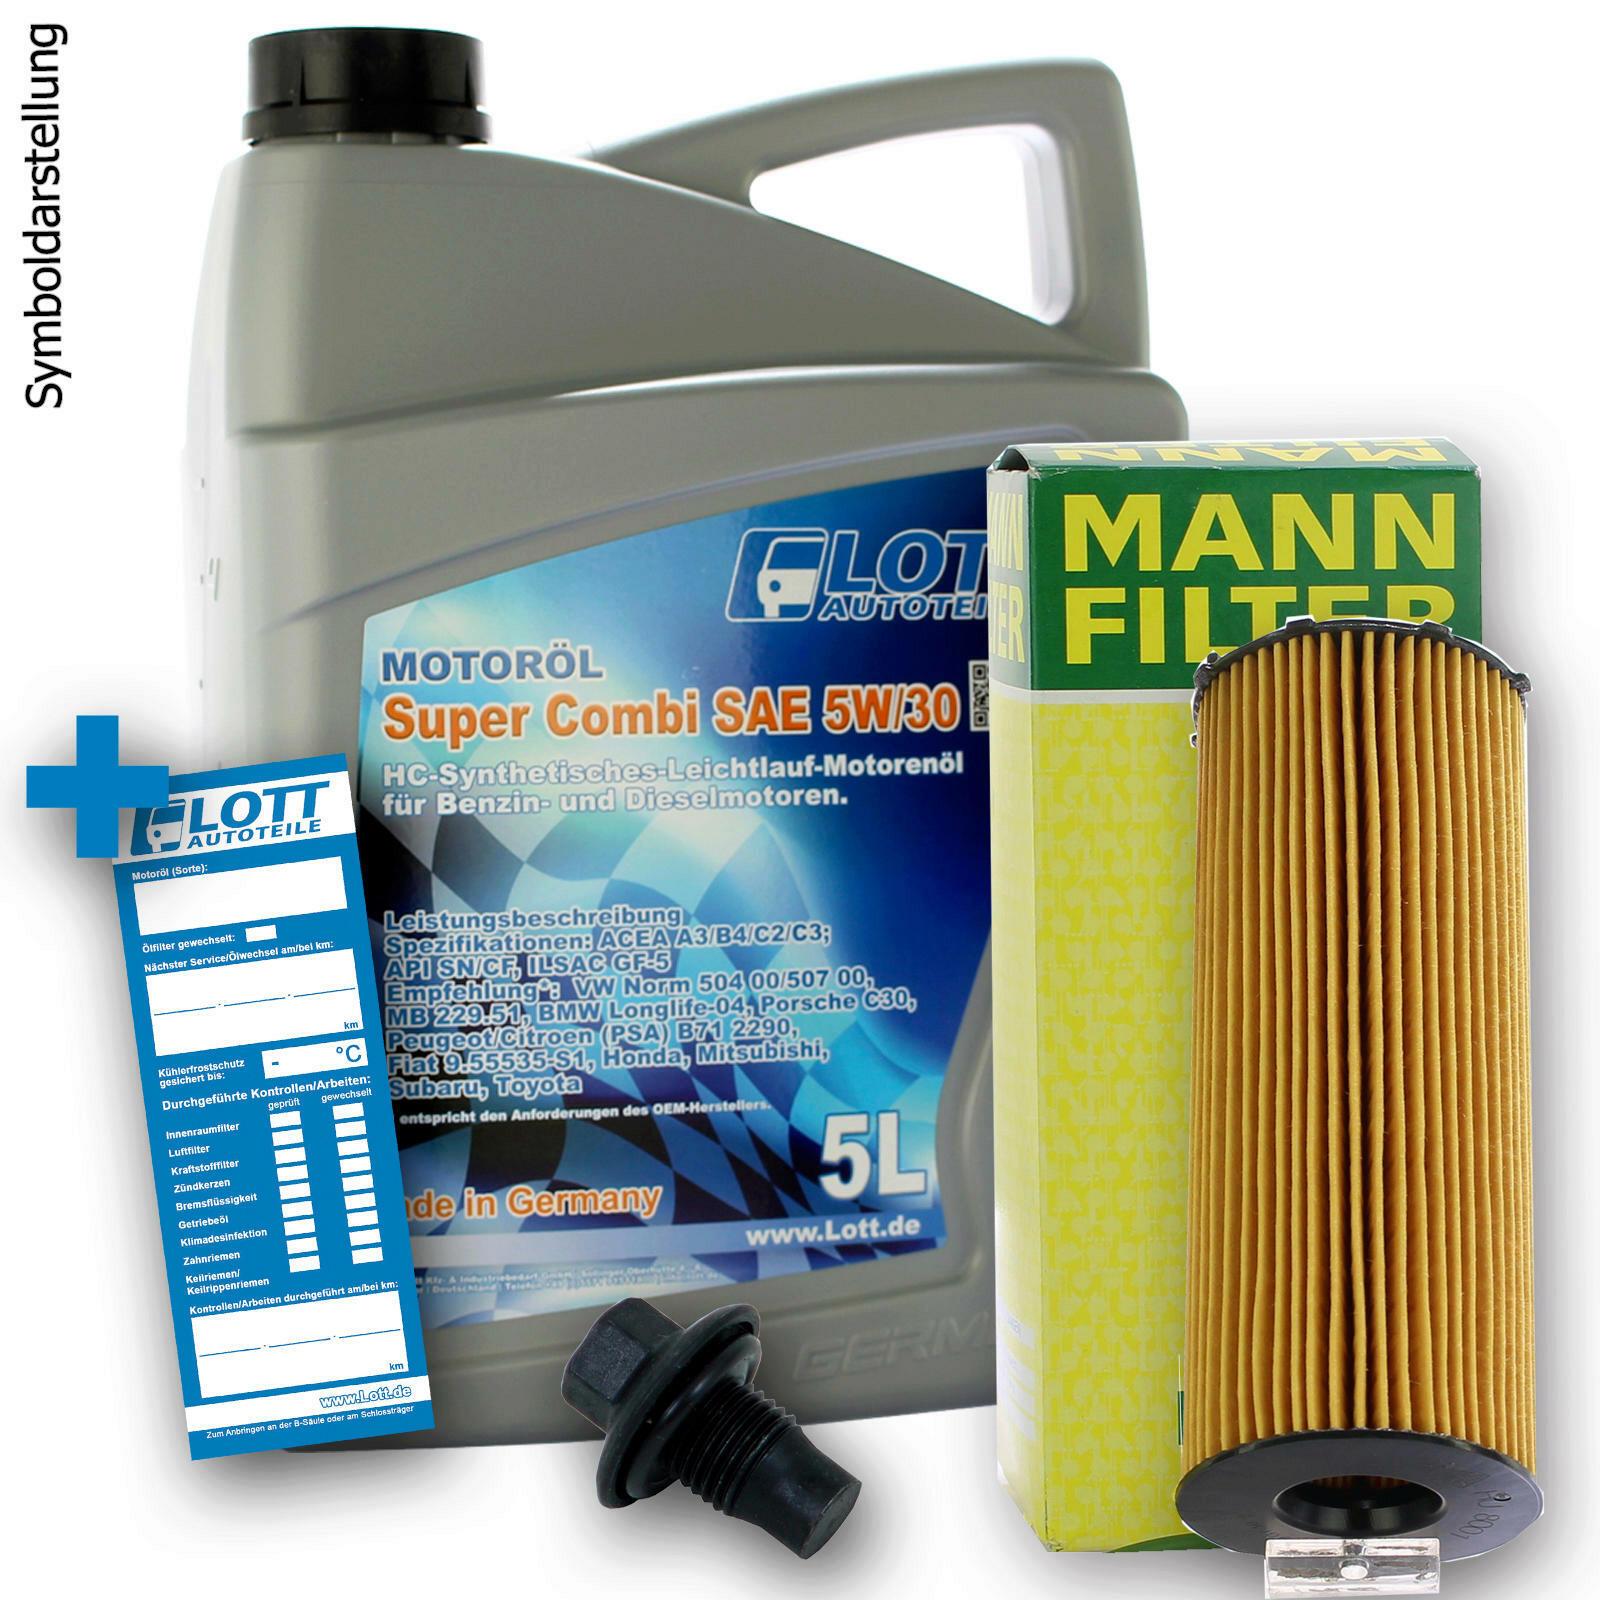 Ölwechsel Set Mann Ölfilter + Lott Motoröl